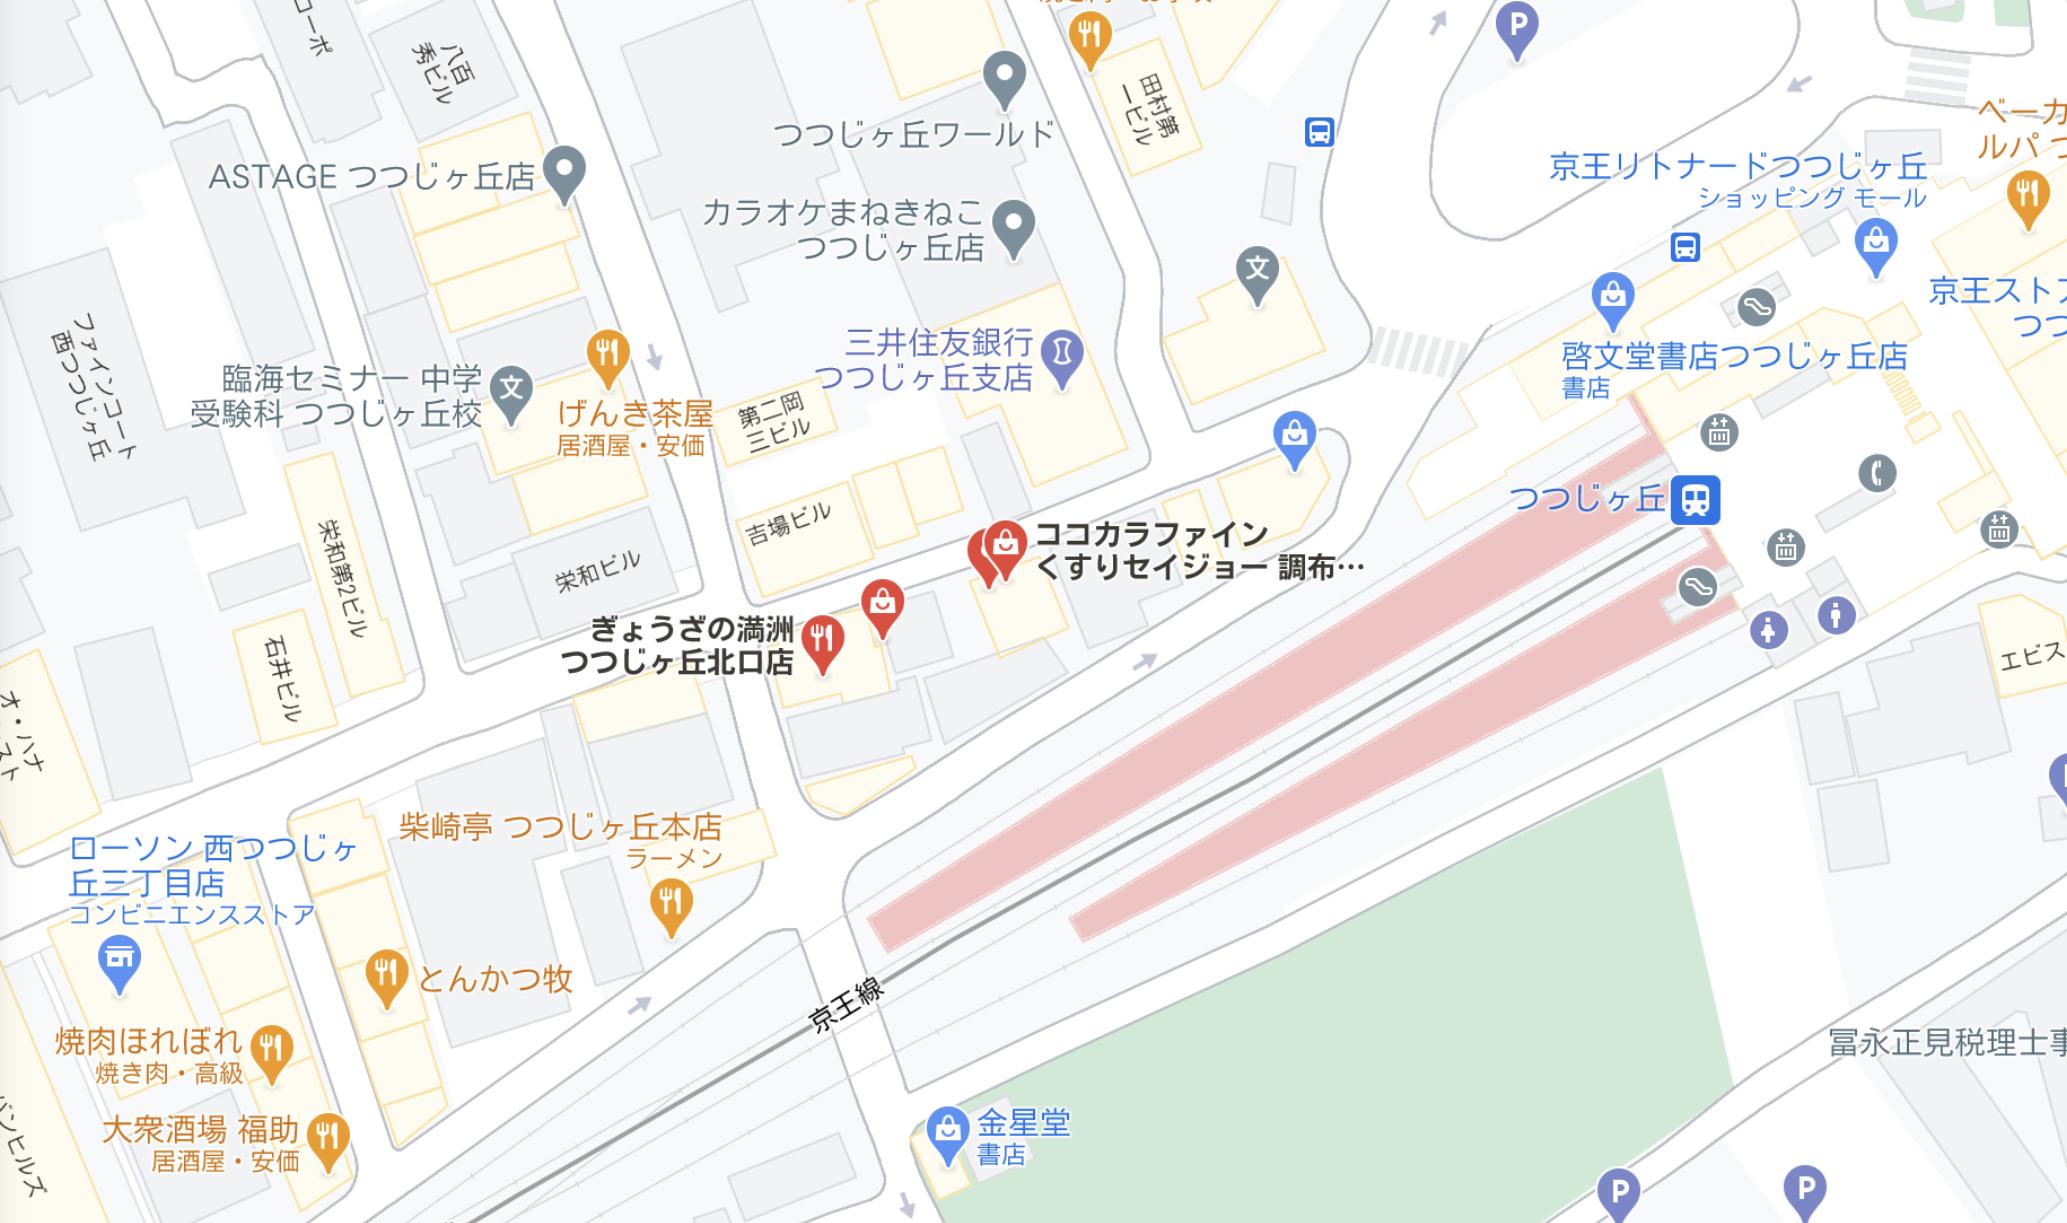 ヶ ワールド つつじ 丘 店舗一覧 店舗情報 トップワールド